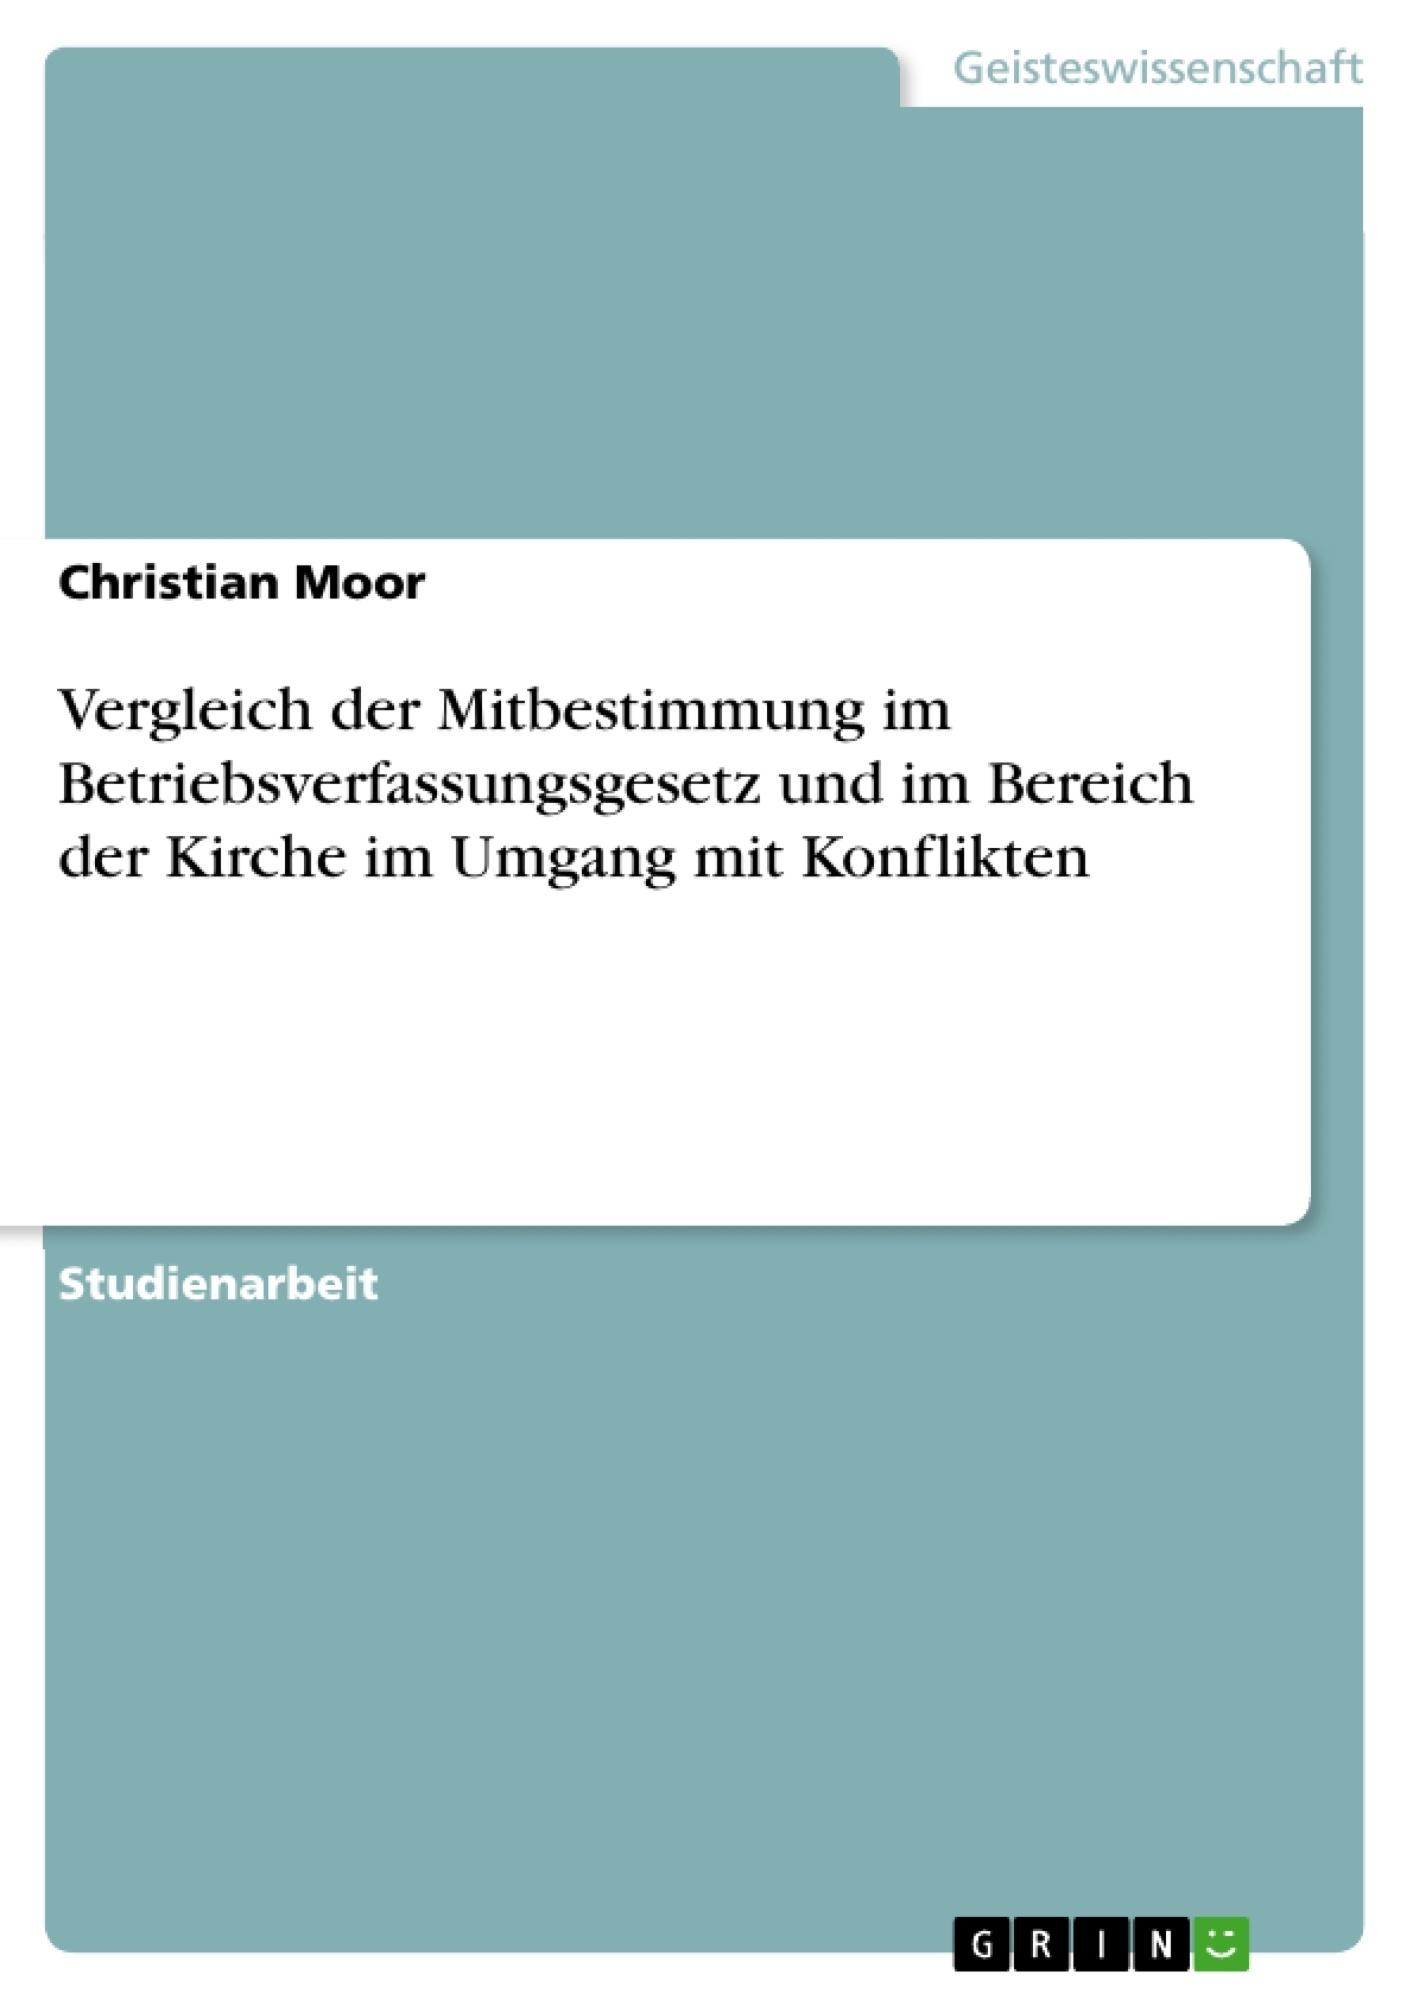 Titel: Vergleich der Mitbestimmung im Betriebsverfassungsgesetz und  im Bereich der Kirche im Umgang mit Konflikten